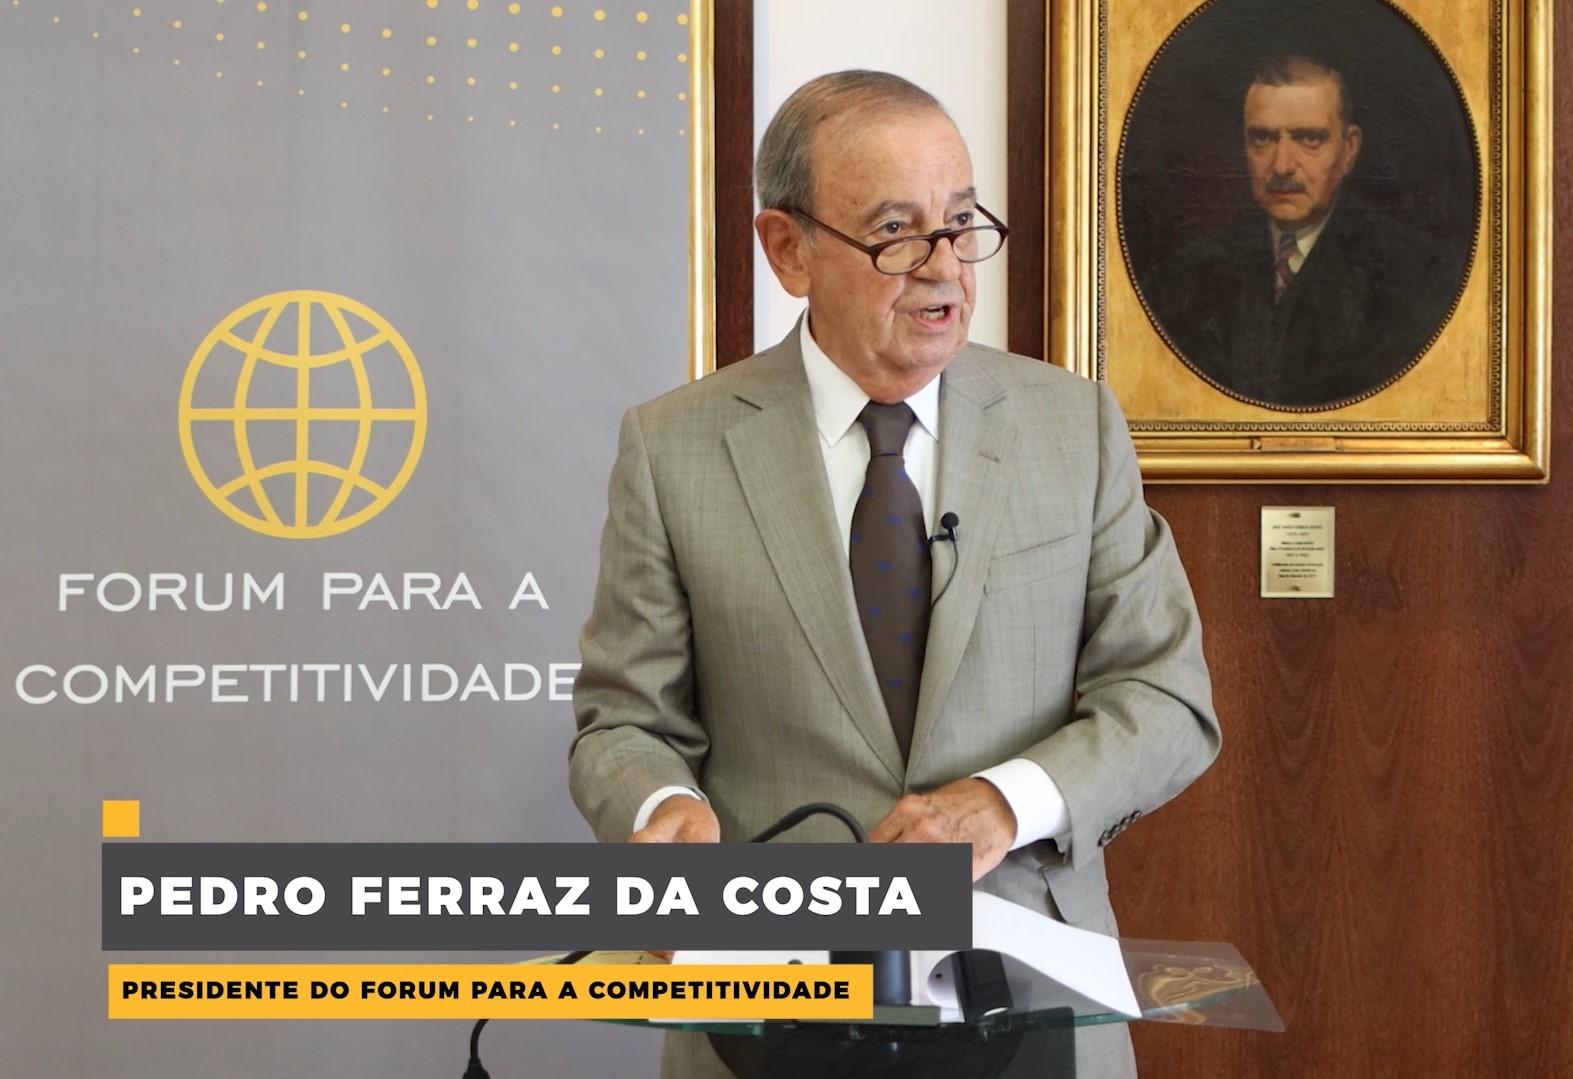 AG PEDRO FERRAZ COSTA